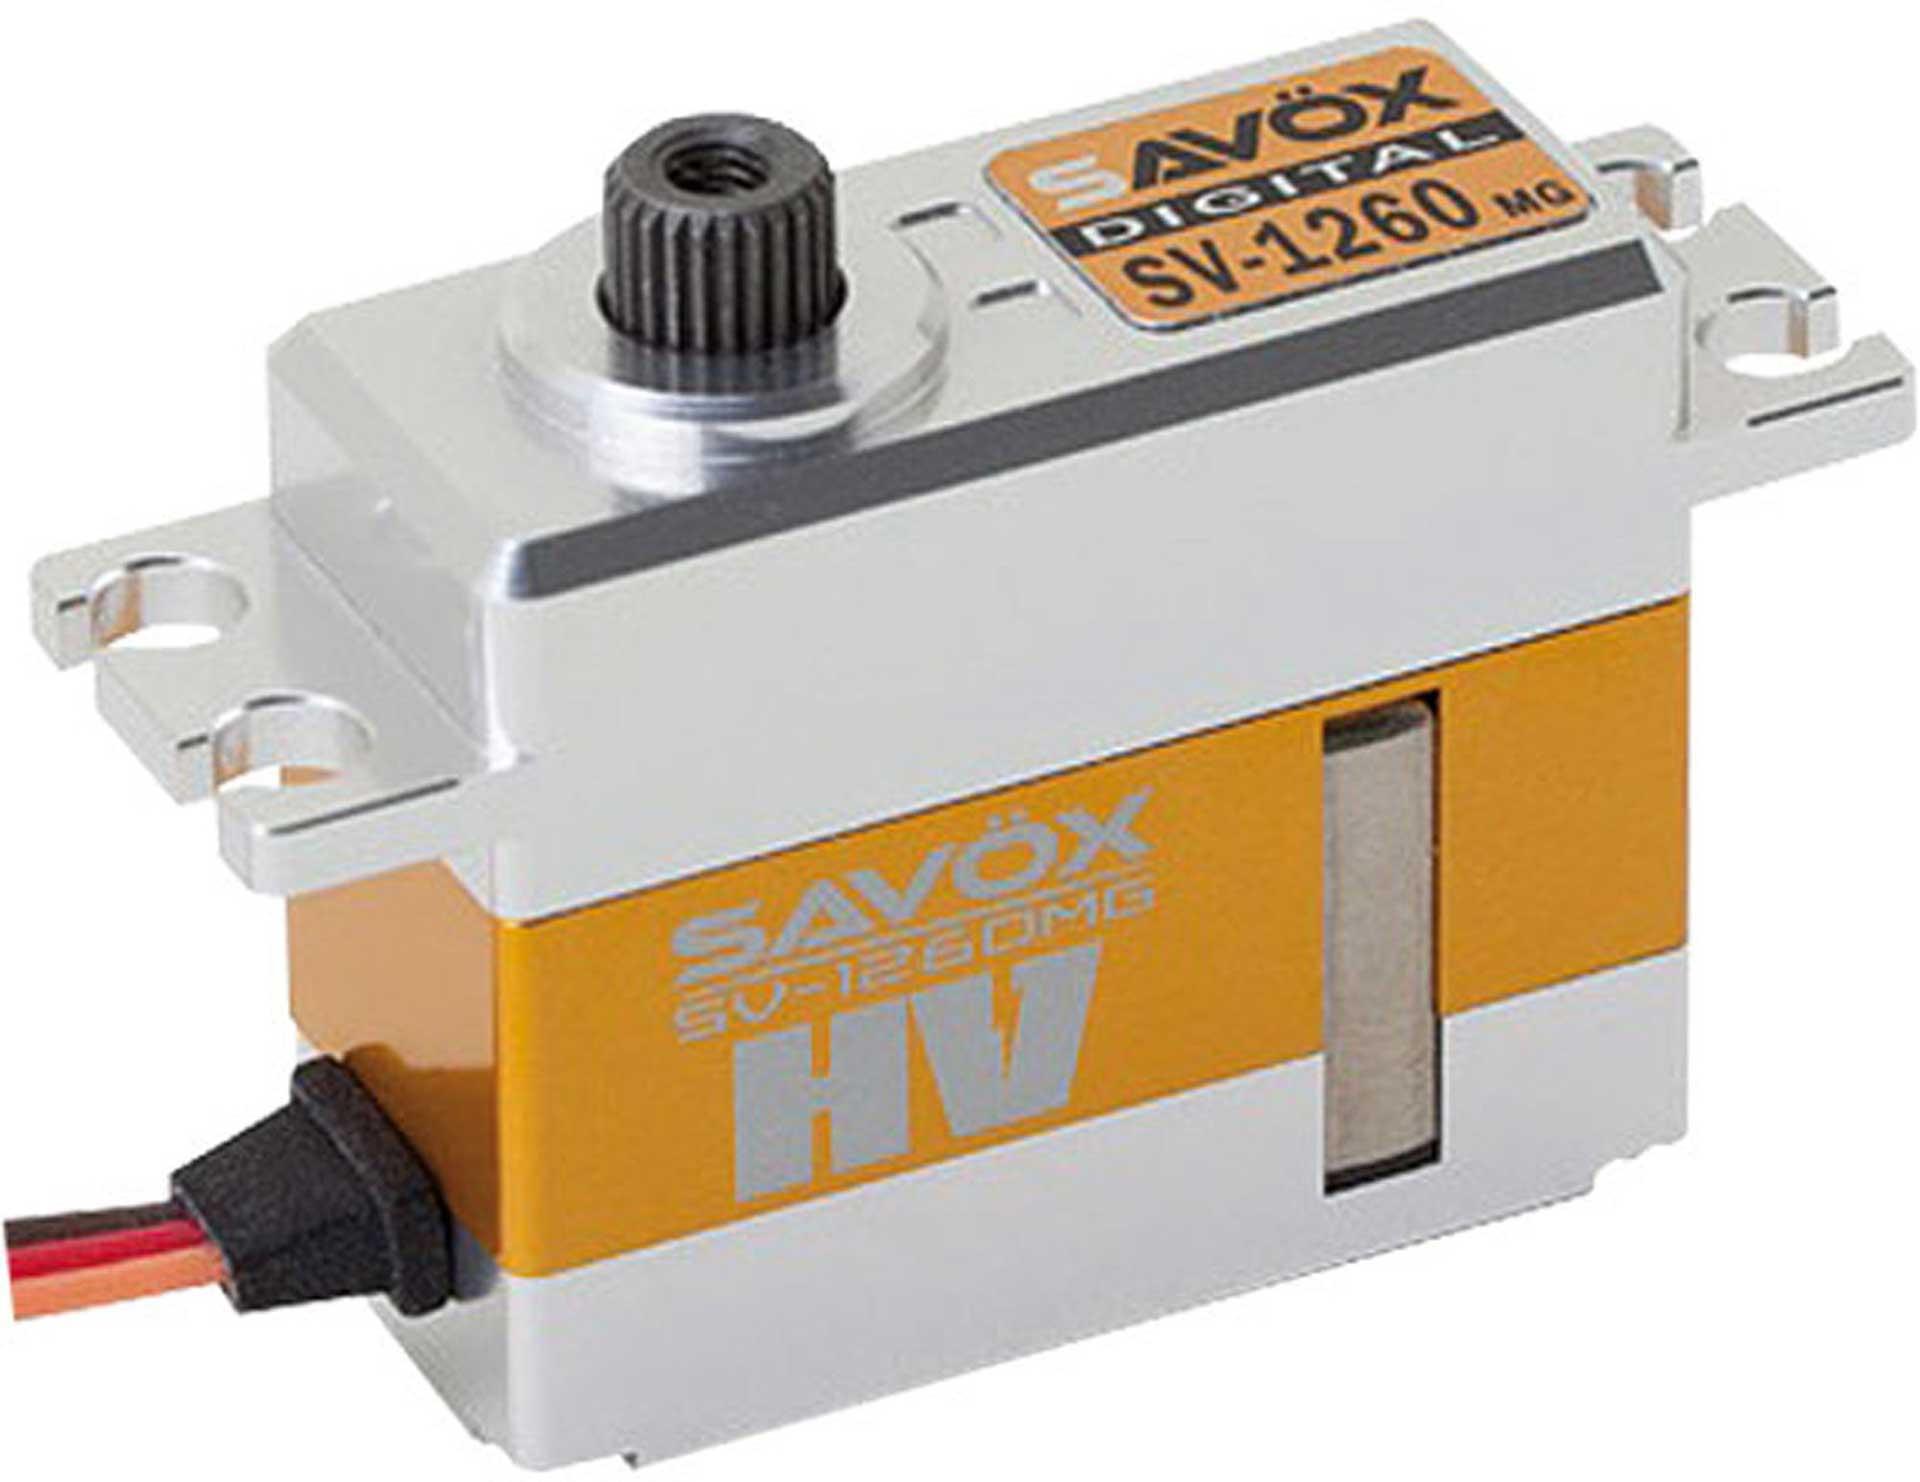 SAVÖX SV-1260MG SERVO HV MIDI SERVO